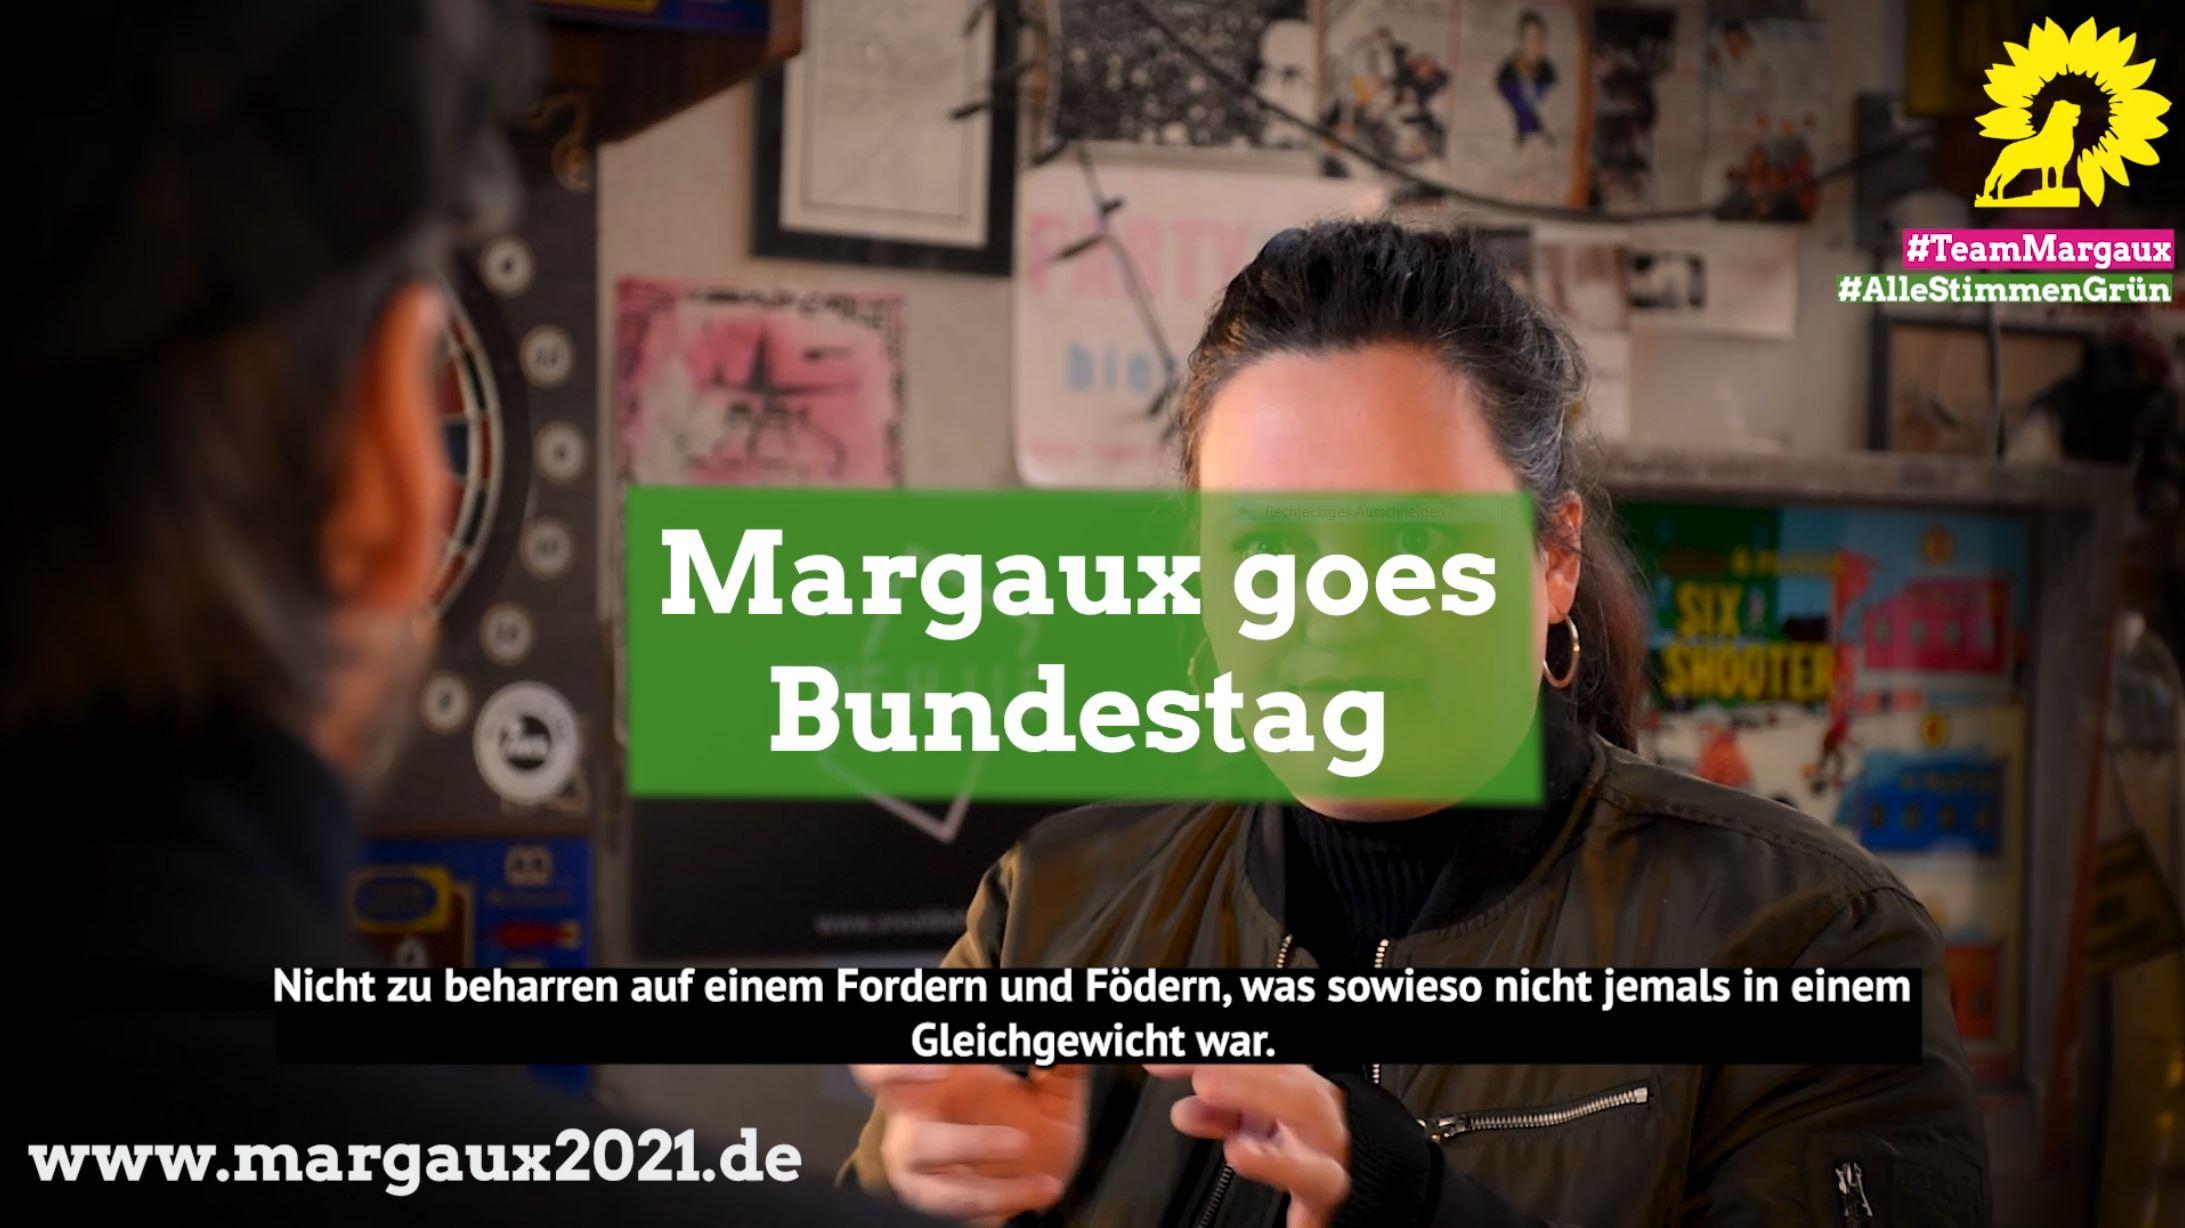 Folge #7 Video-Podcast Margaux goes Bundestag